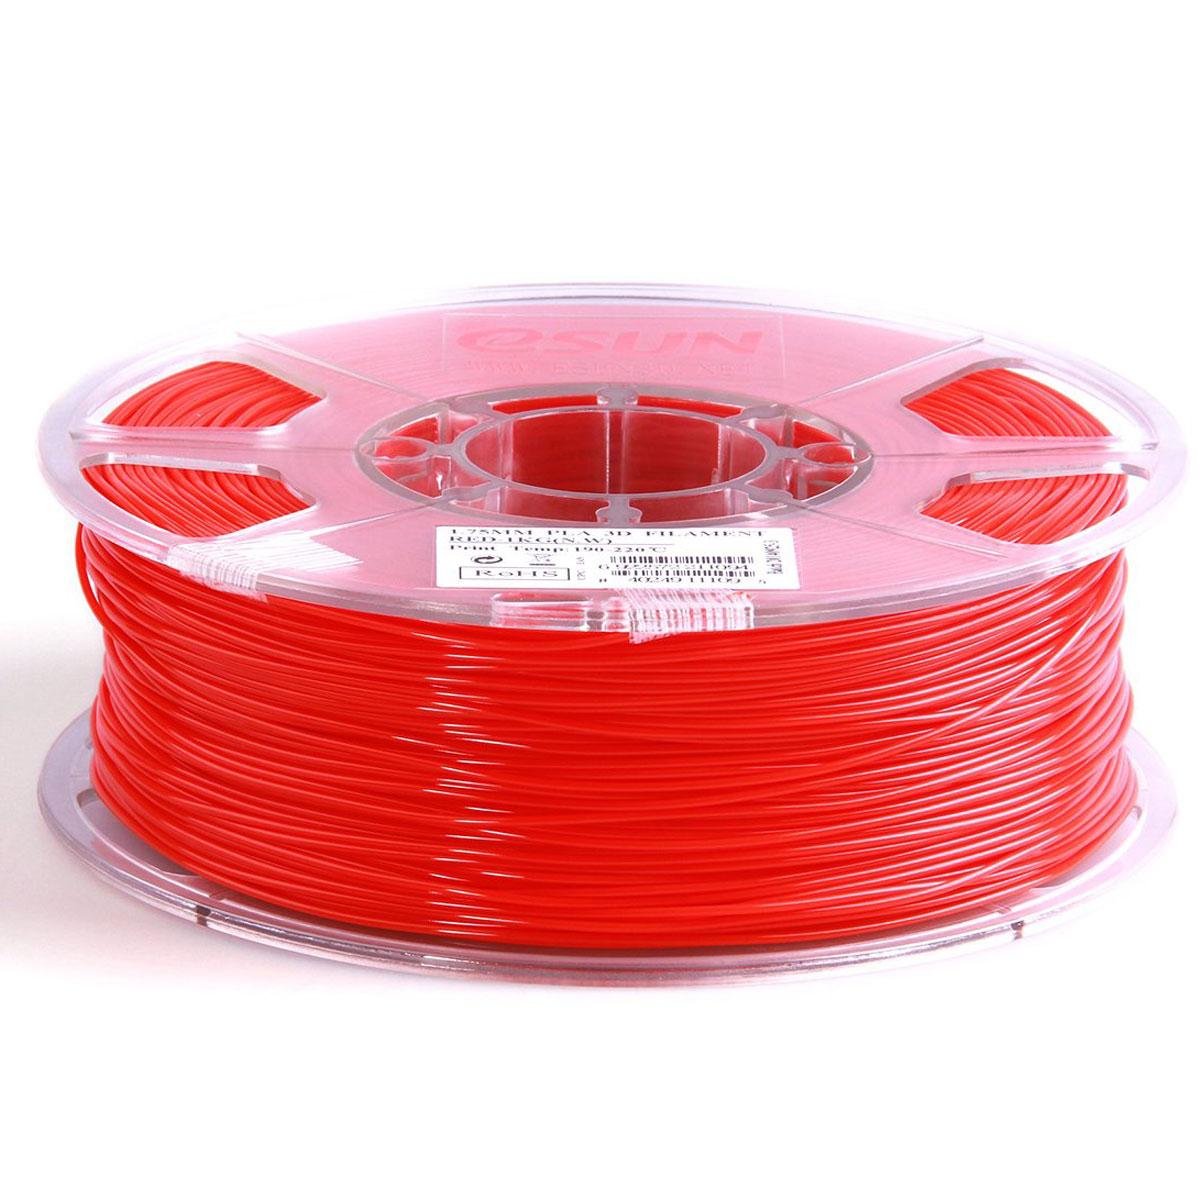 ESUN пластик PLA в катушке, Red, 1,75 ммPLA175R1Пластик PLA от ESUN долговечный и очень прочный полимер, ударопрочный, эластичный и стойкий к моющим средствам и щелочам. Один из лучших материалов для печати на 3D принтере. Пластик не имеет запаха и не является токсичным. Температура плавления 190-220°C. PLA пластик для 3D-принтера применяется в деталях автомобилей, канцелярских изделиях, корпусах бытовой техники, мебели, сантехники, а также в производстве игрушек, сувениров, спортивного инвентаря, деталей оружия, медицинского оборудования и прочего. Диаметр нити: 1.75 мм